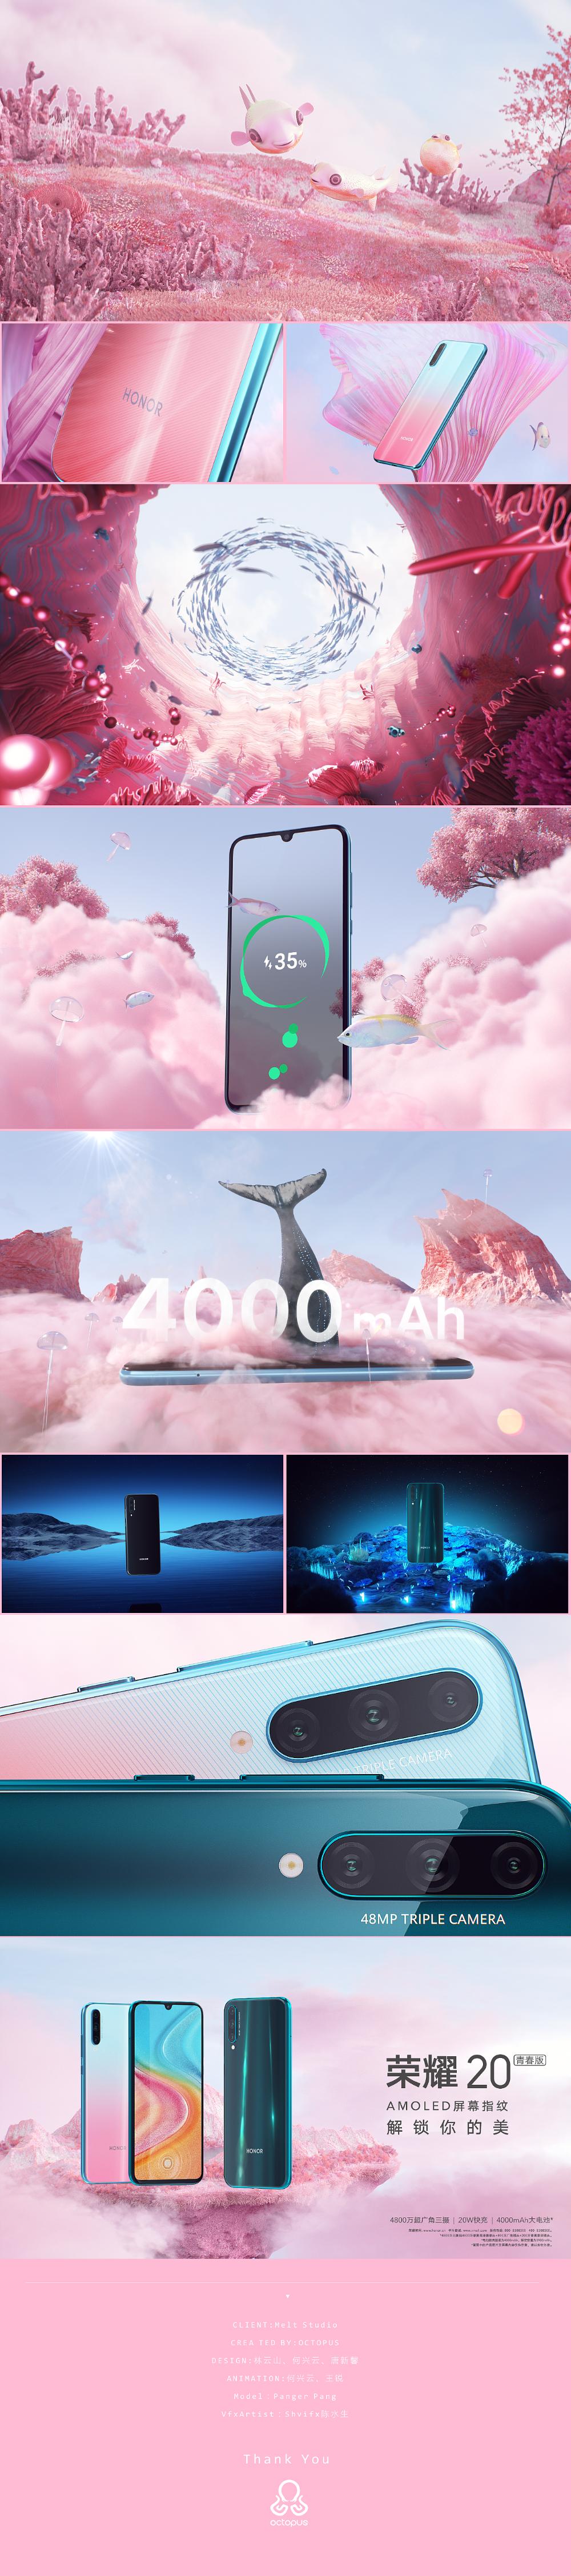 荣耀20|影视|Motion Graphic|OctopusVision - 原创作品